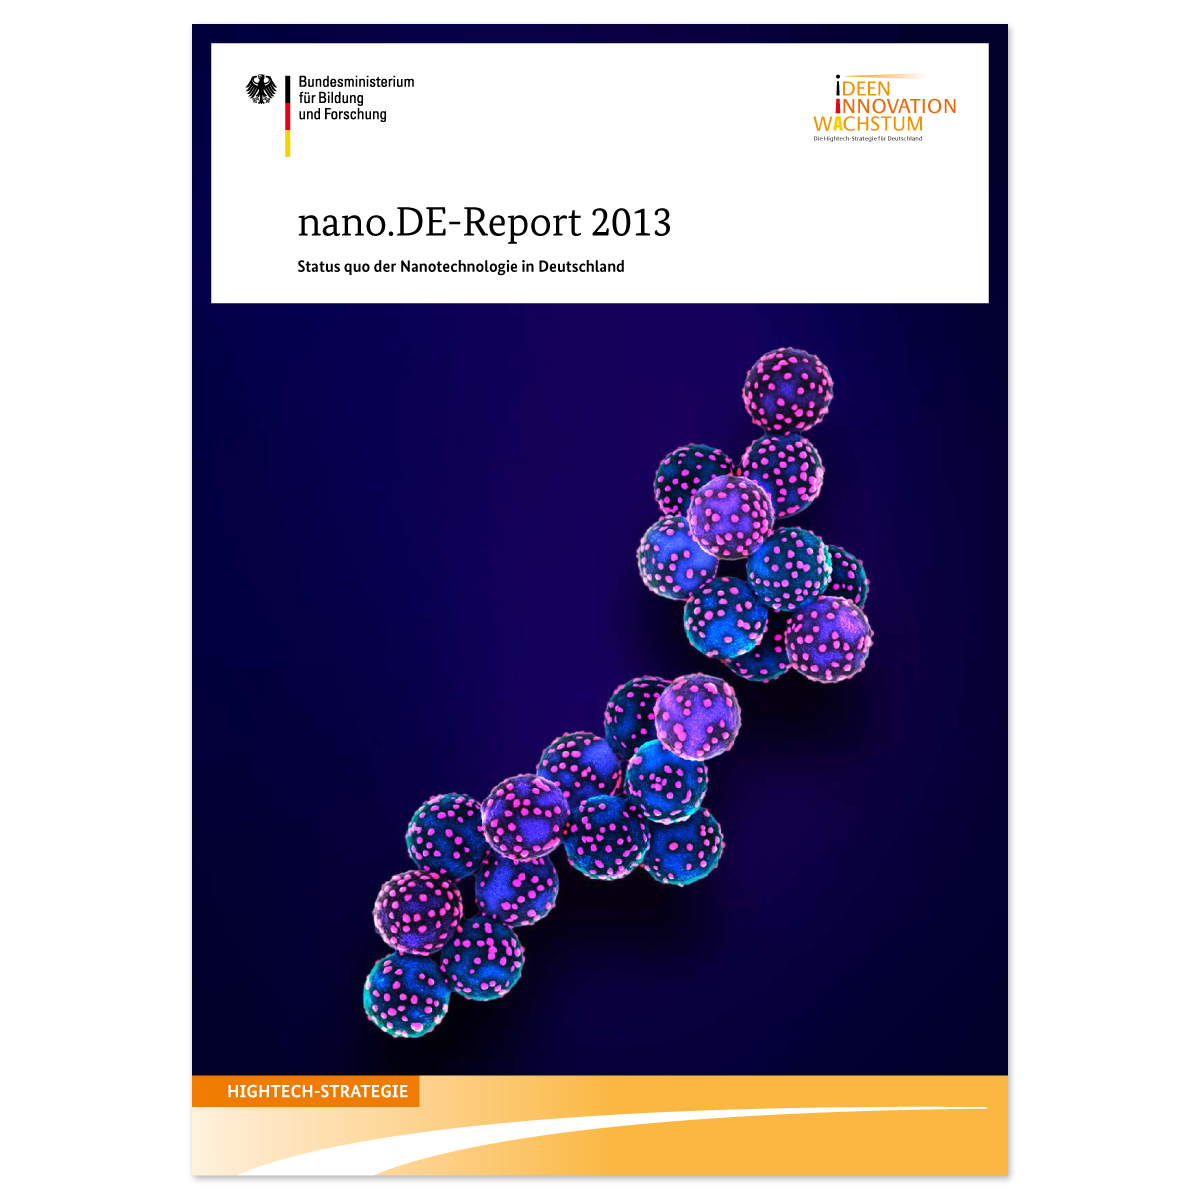 nano.DE-Report 2009